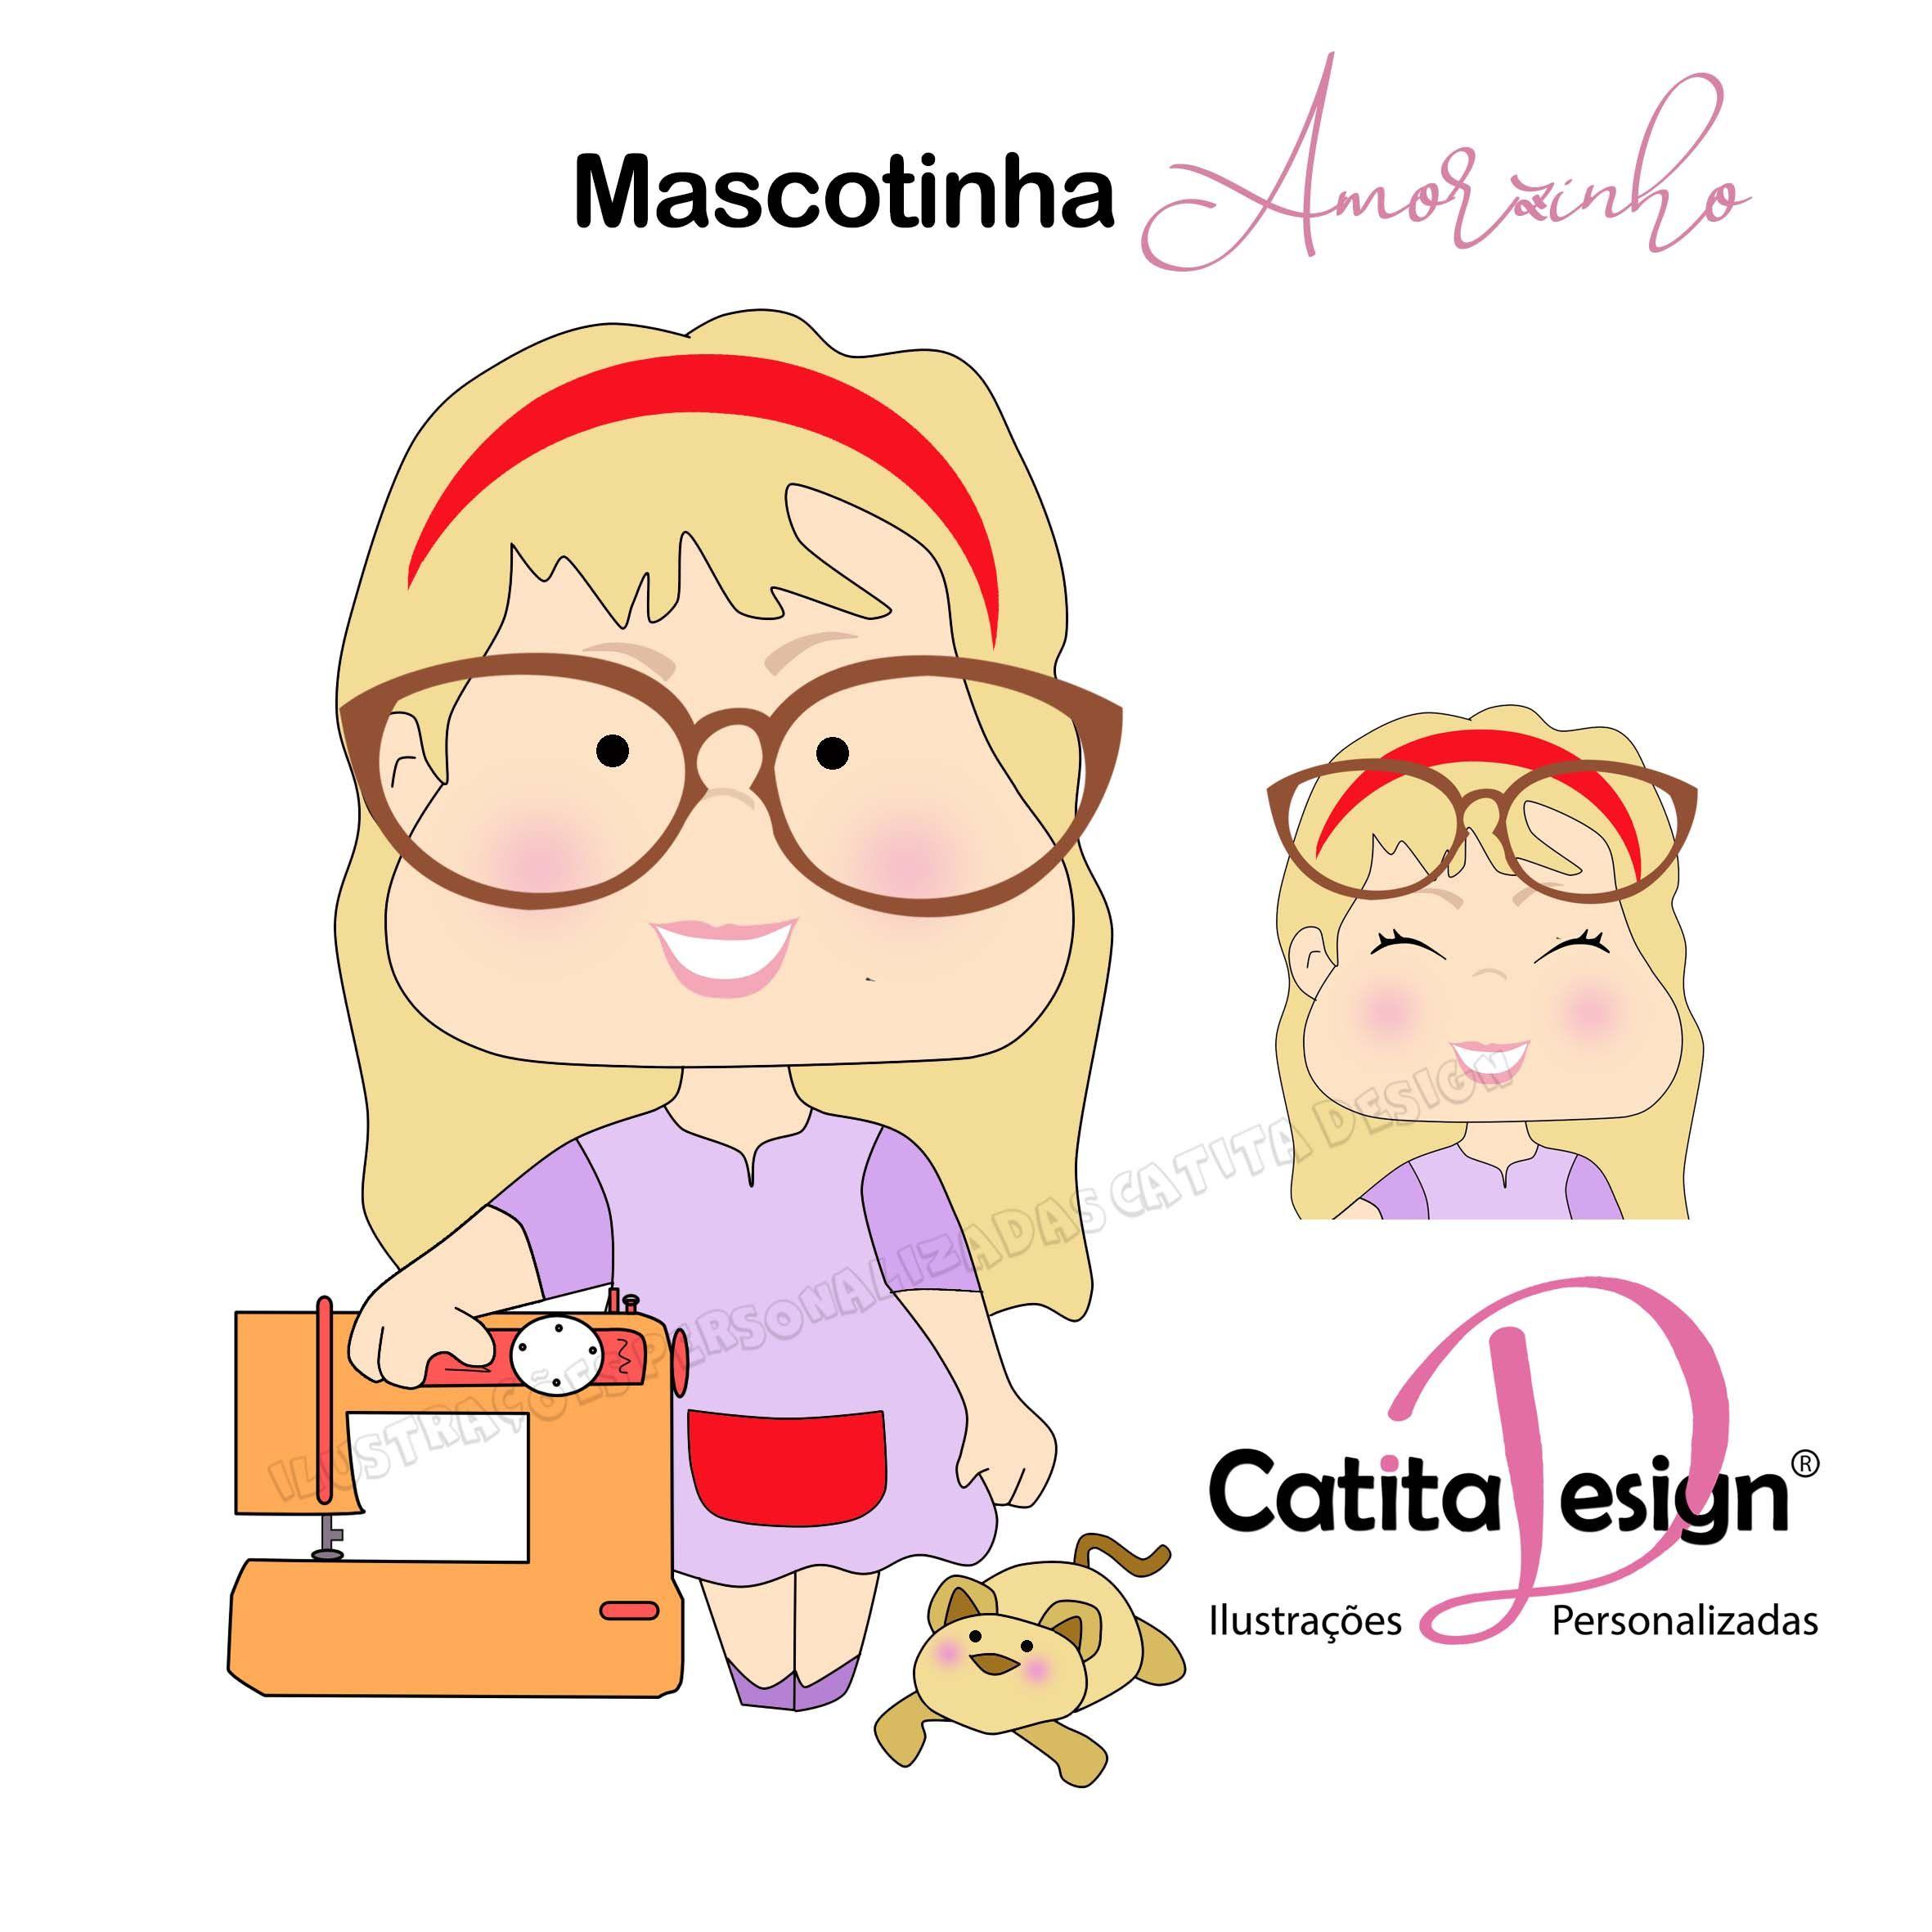 Mascotinhas Catita Design em 2020 Ilustrações,